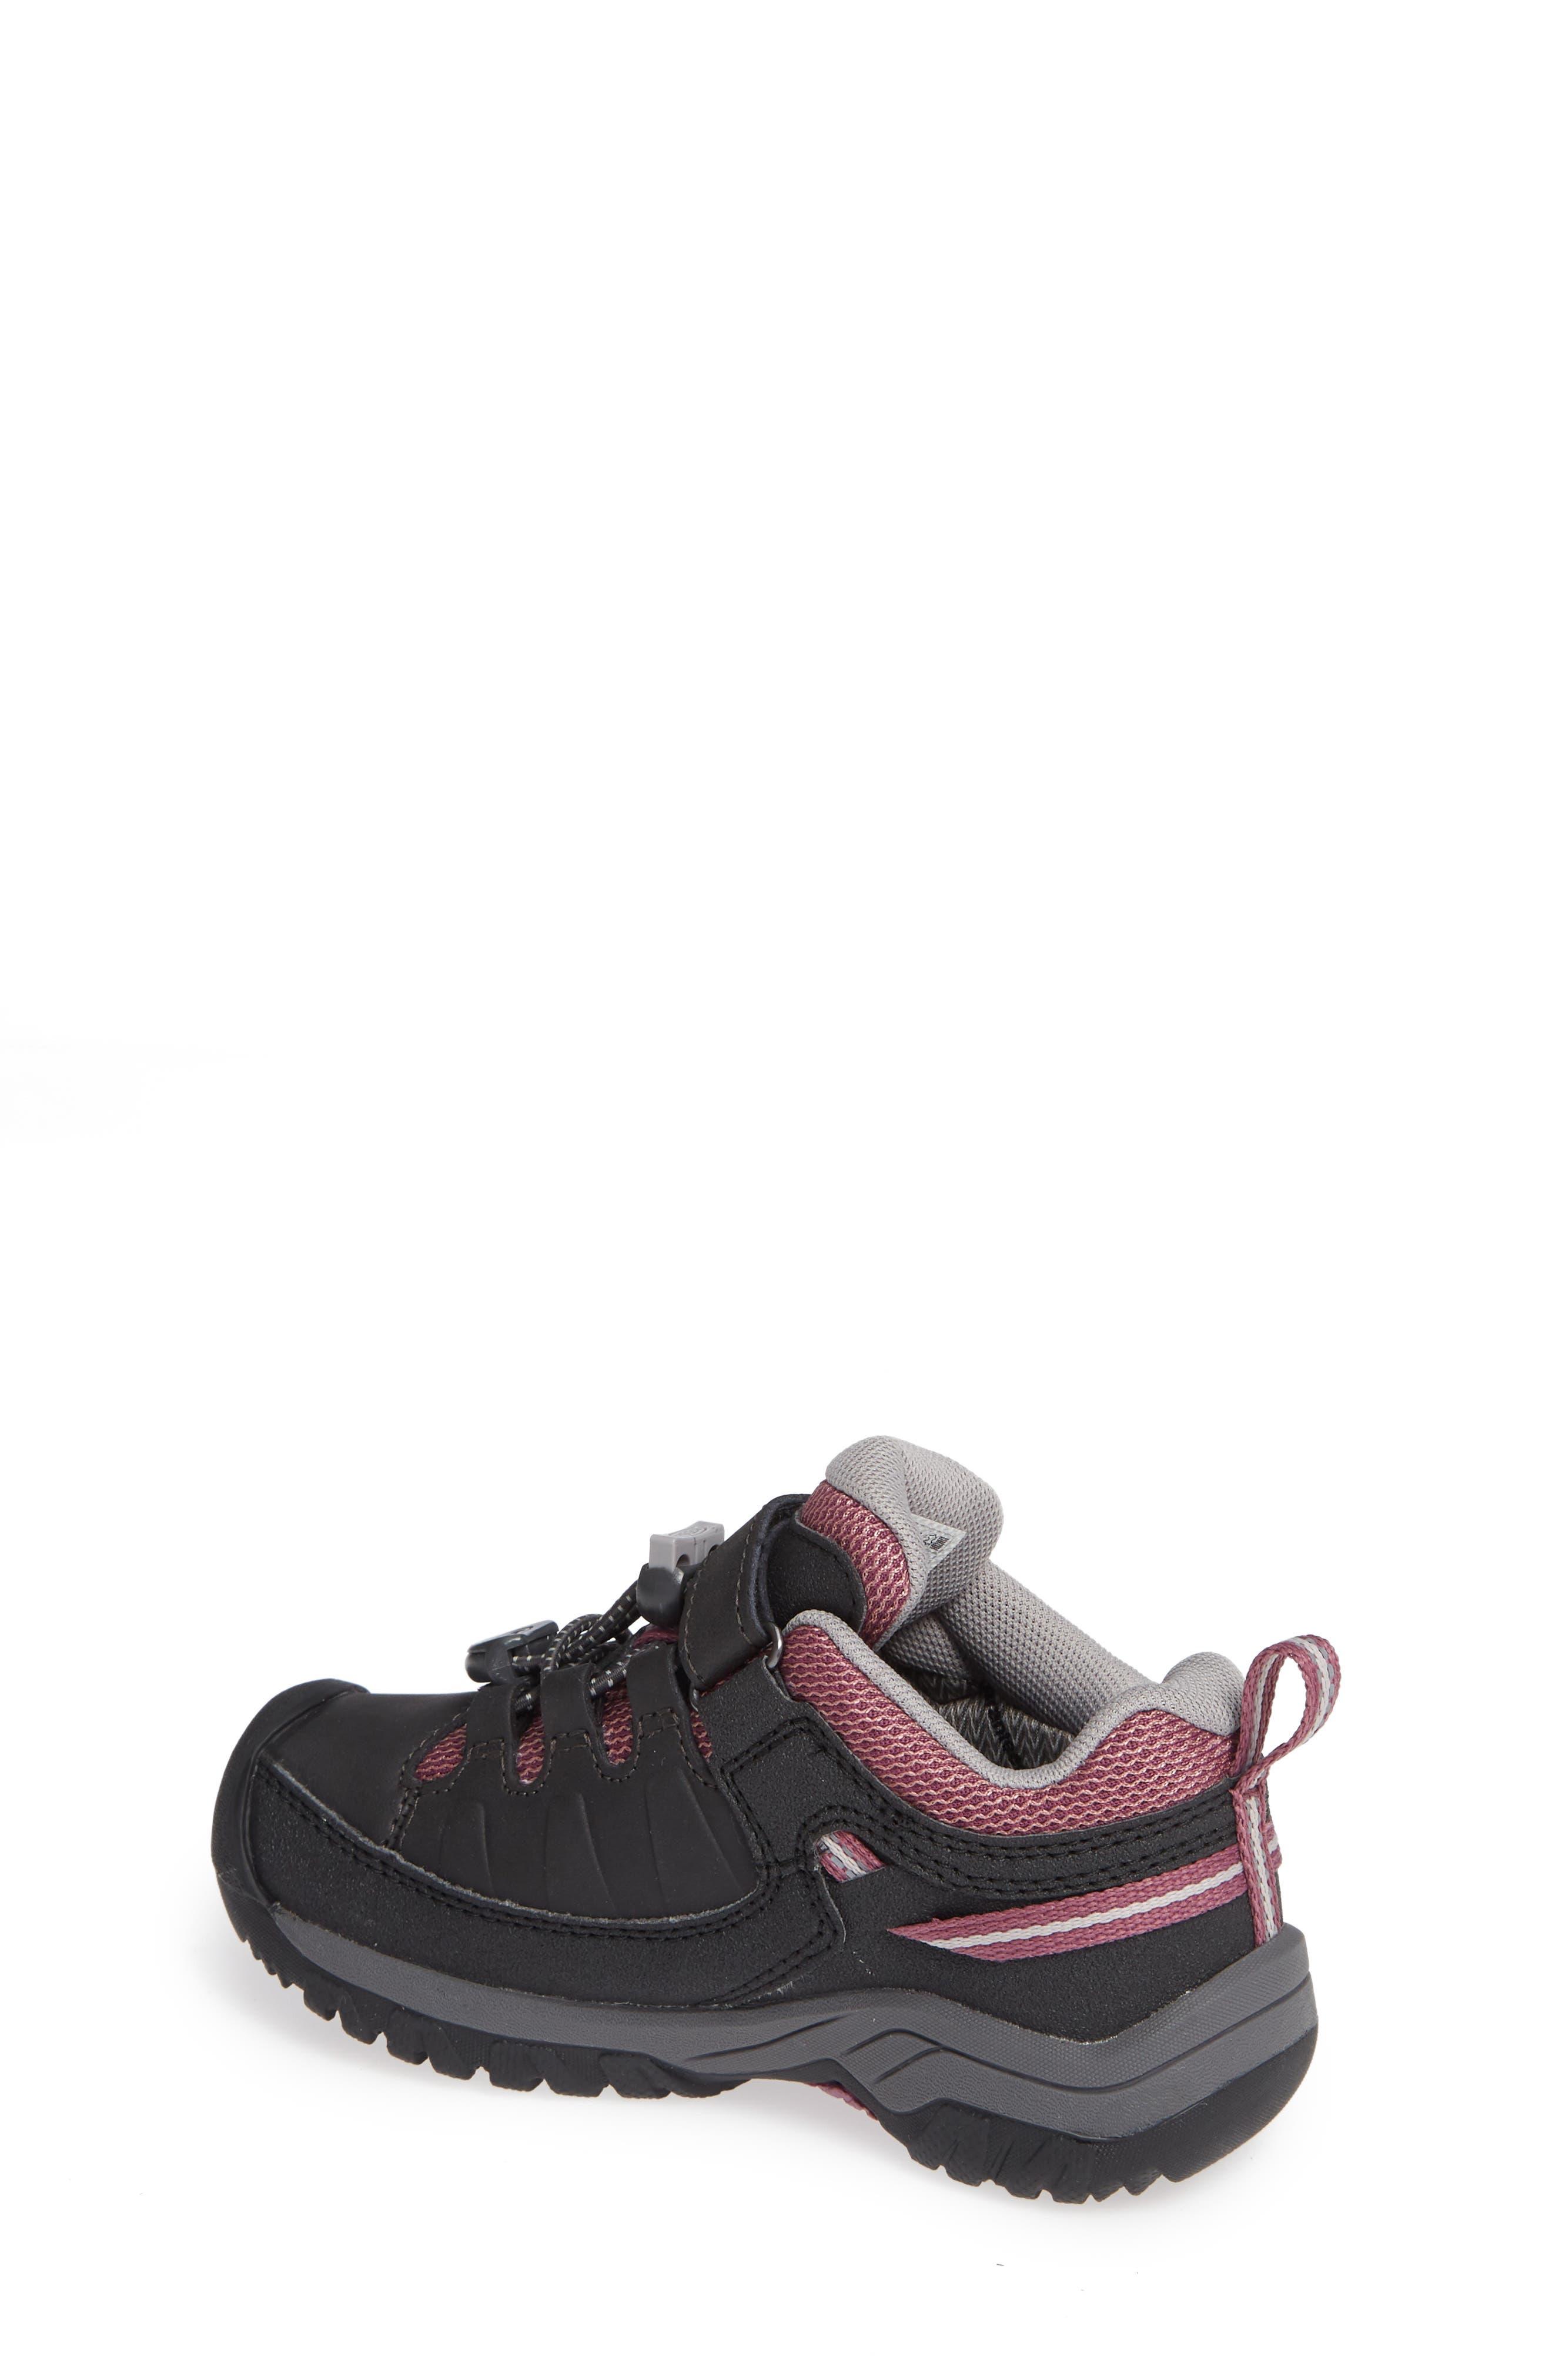 Targhee Low Waterproof Sneaker,                             Alternate thumbnail 2, color,                             RAVEN/ TULIPWOOD